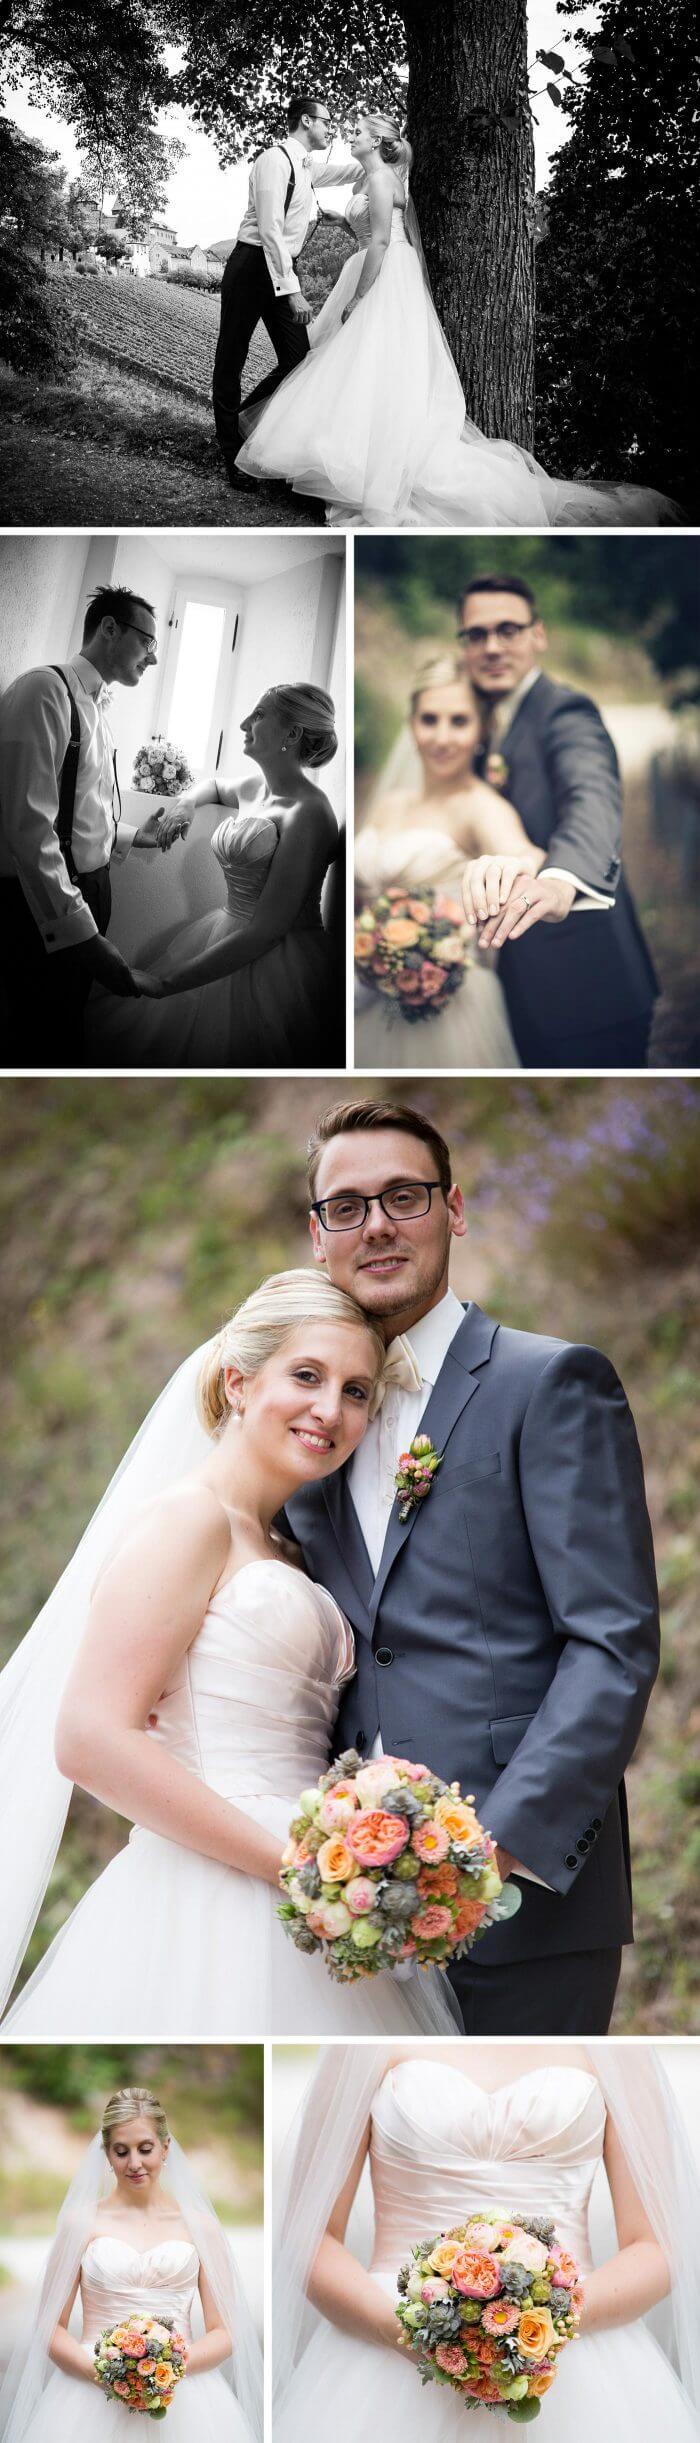 Schlosshochzeit Hochzeitsreportage